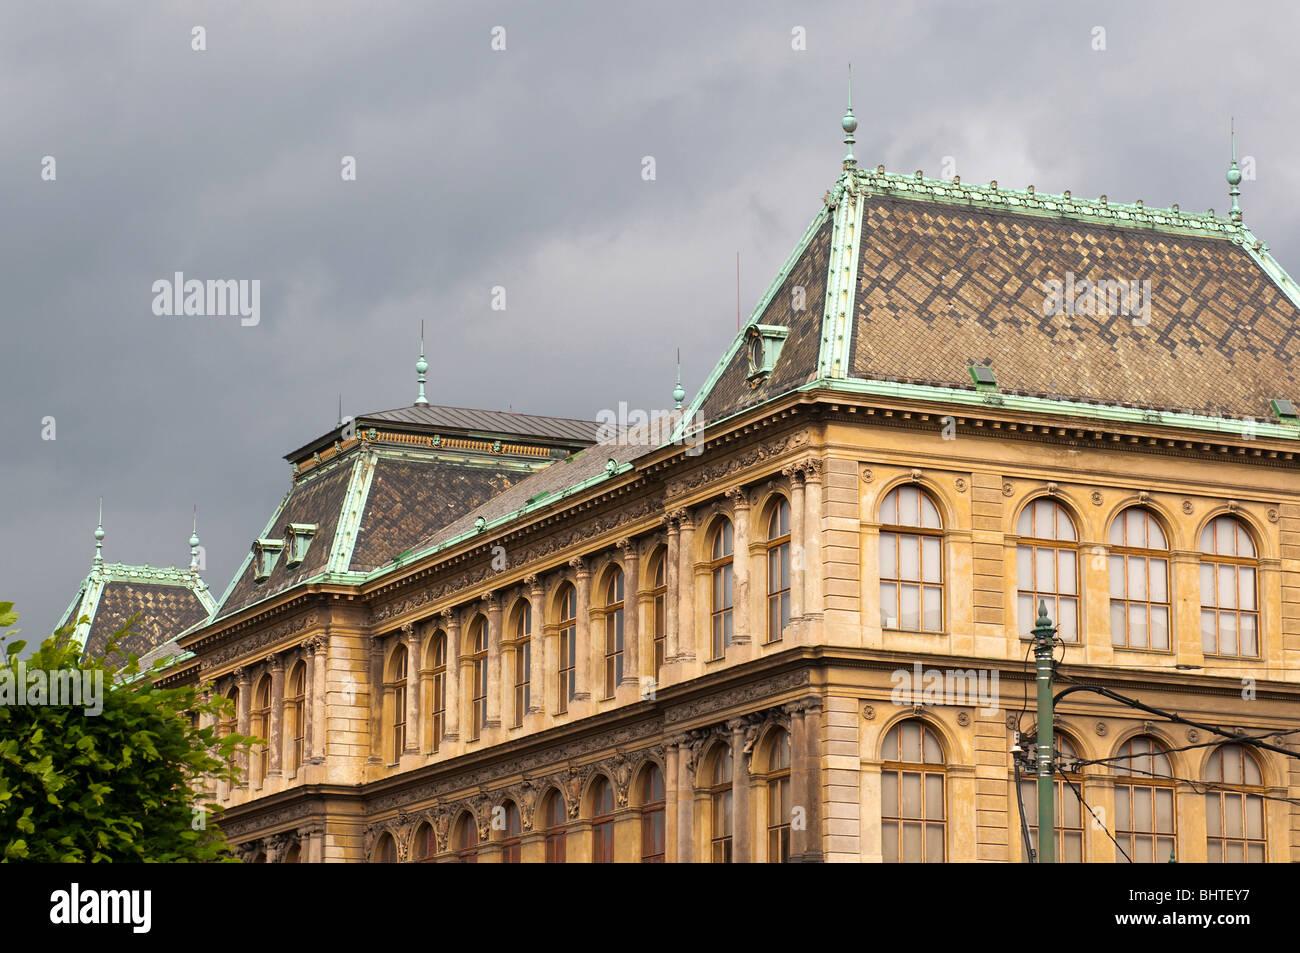 Museo delle Arti Decorative, Praga, Repubblica Ceca. Immagini Stock